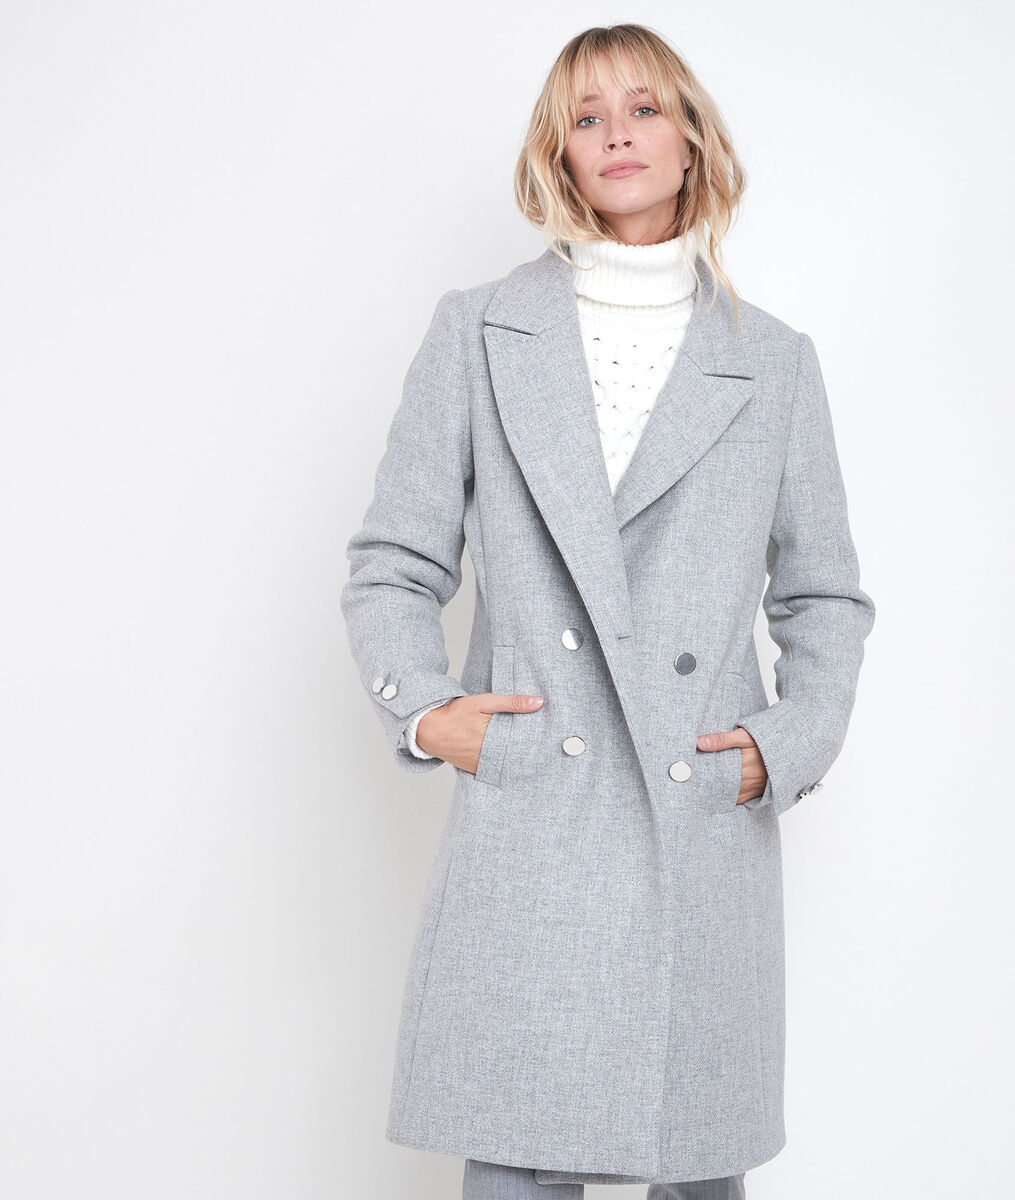 Manteau droit gris Jeff PhotoZ   1-2-3